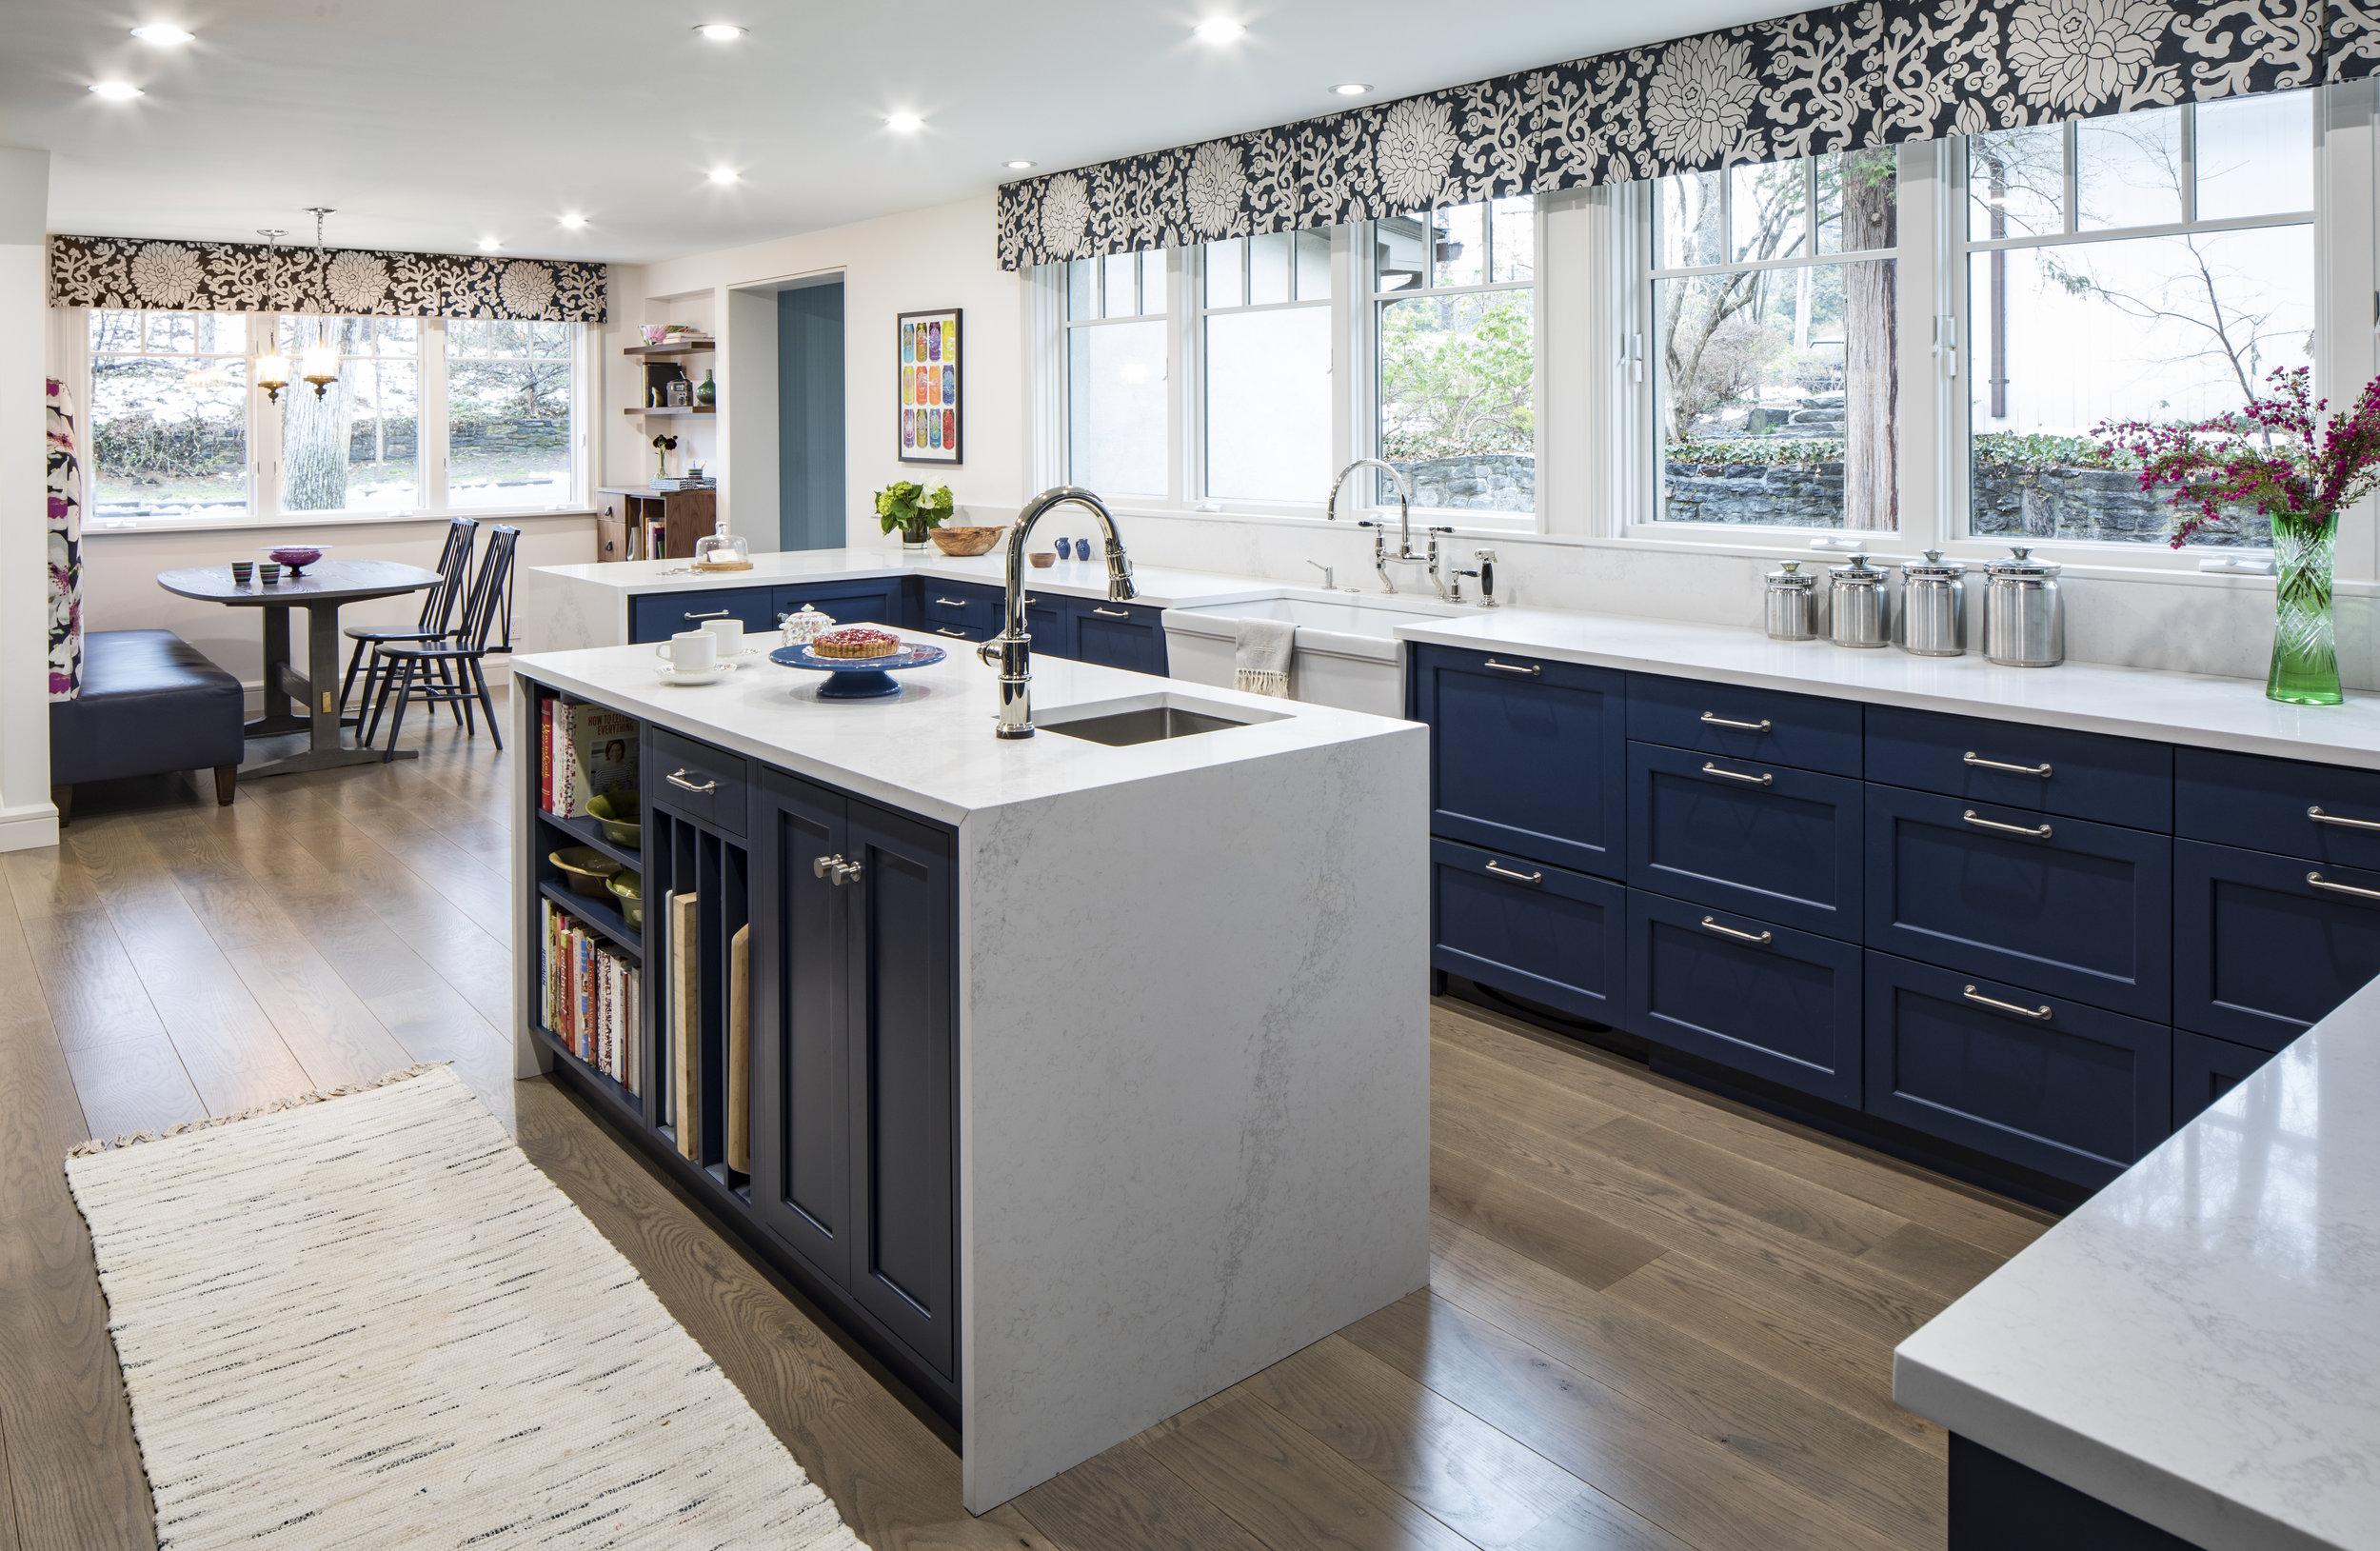 JMorris-Design-Modern-Kitchen-Farmhouse-SInk-Breakfast-Nook-Bronx.jpg